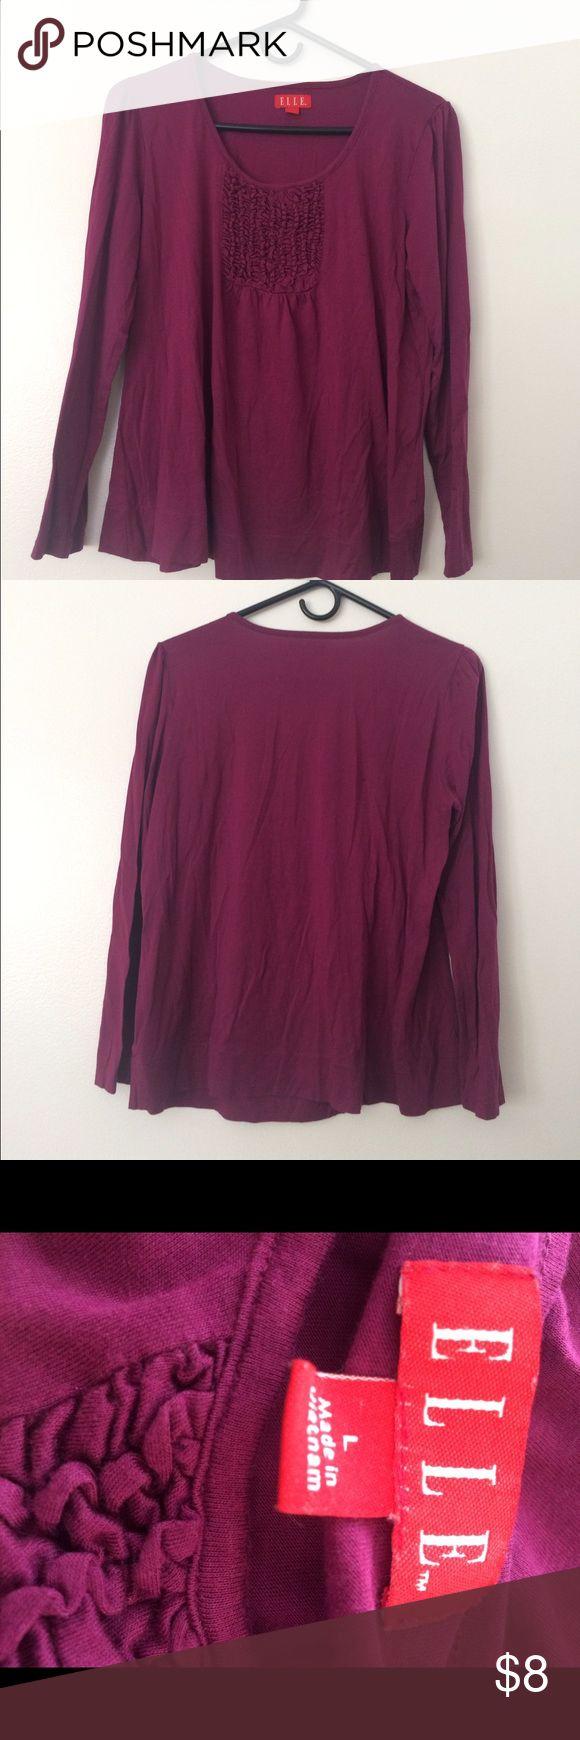 Elle purple long sleeve top Worn once. Elle long sleeve purple top, size large! Very cutee!! Elle Tops